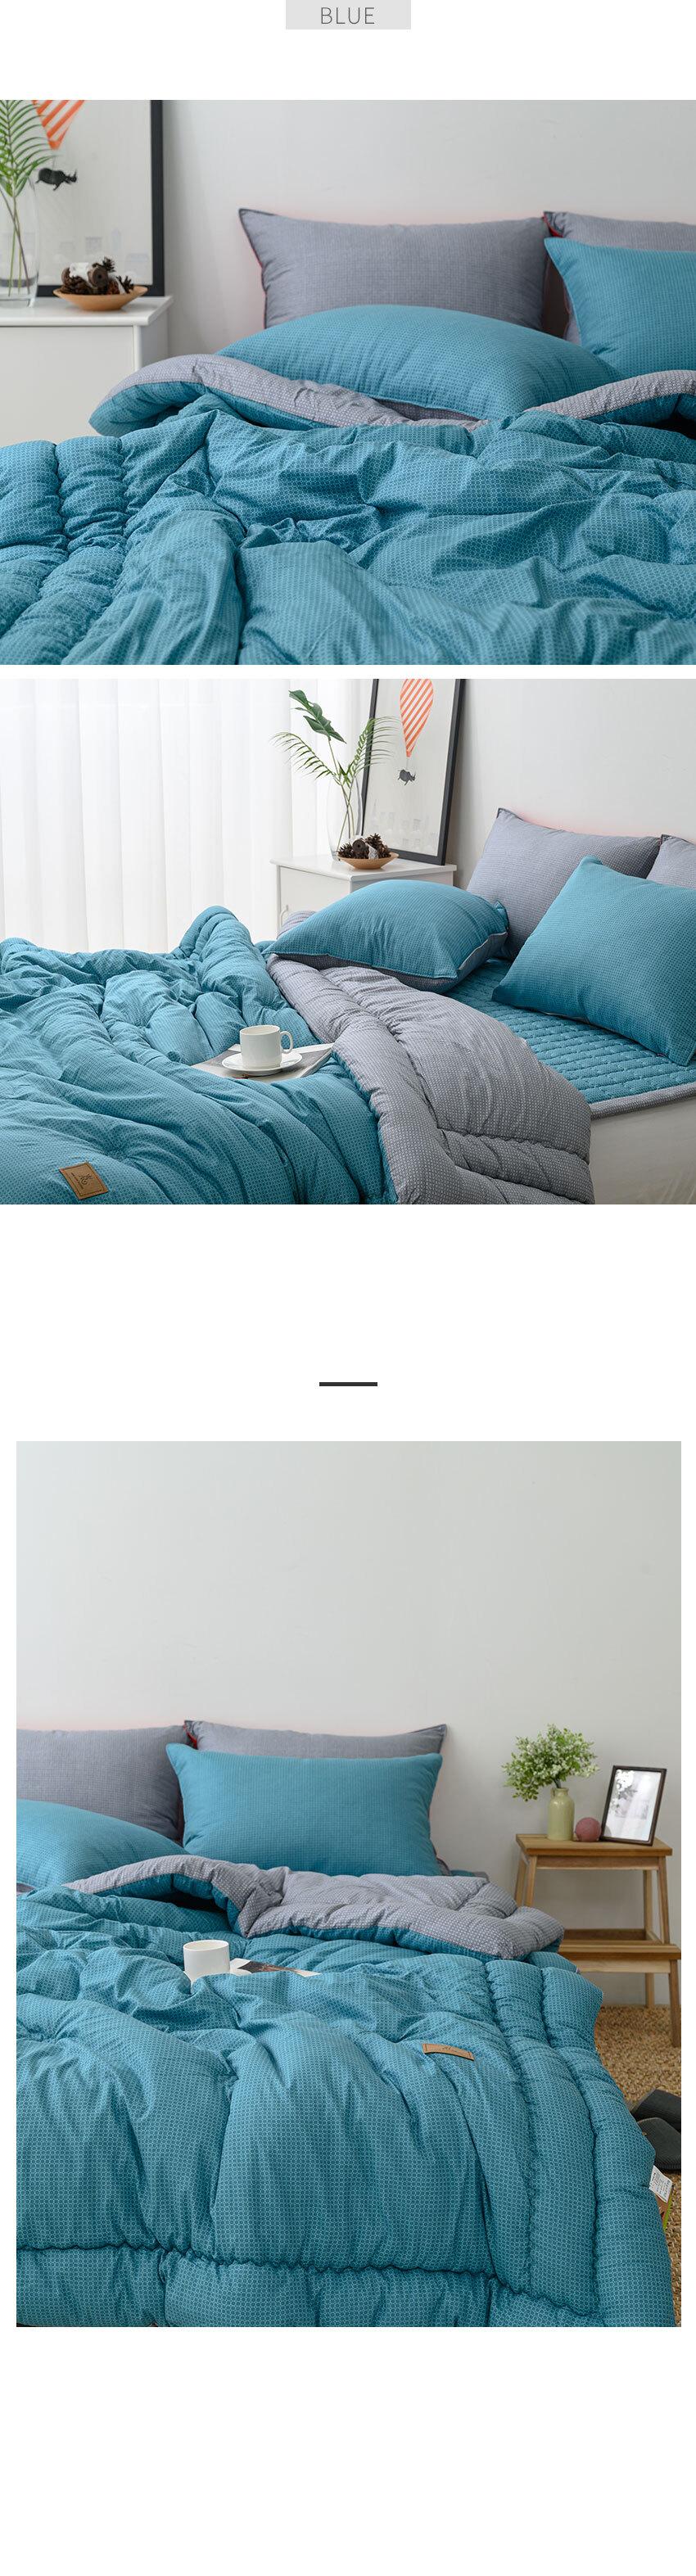 luen_bed_blue_01.jpg